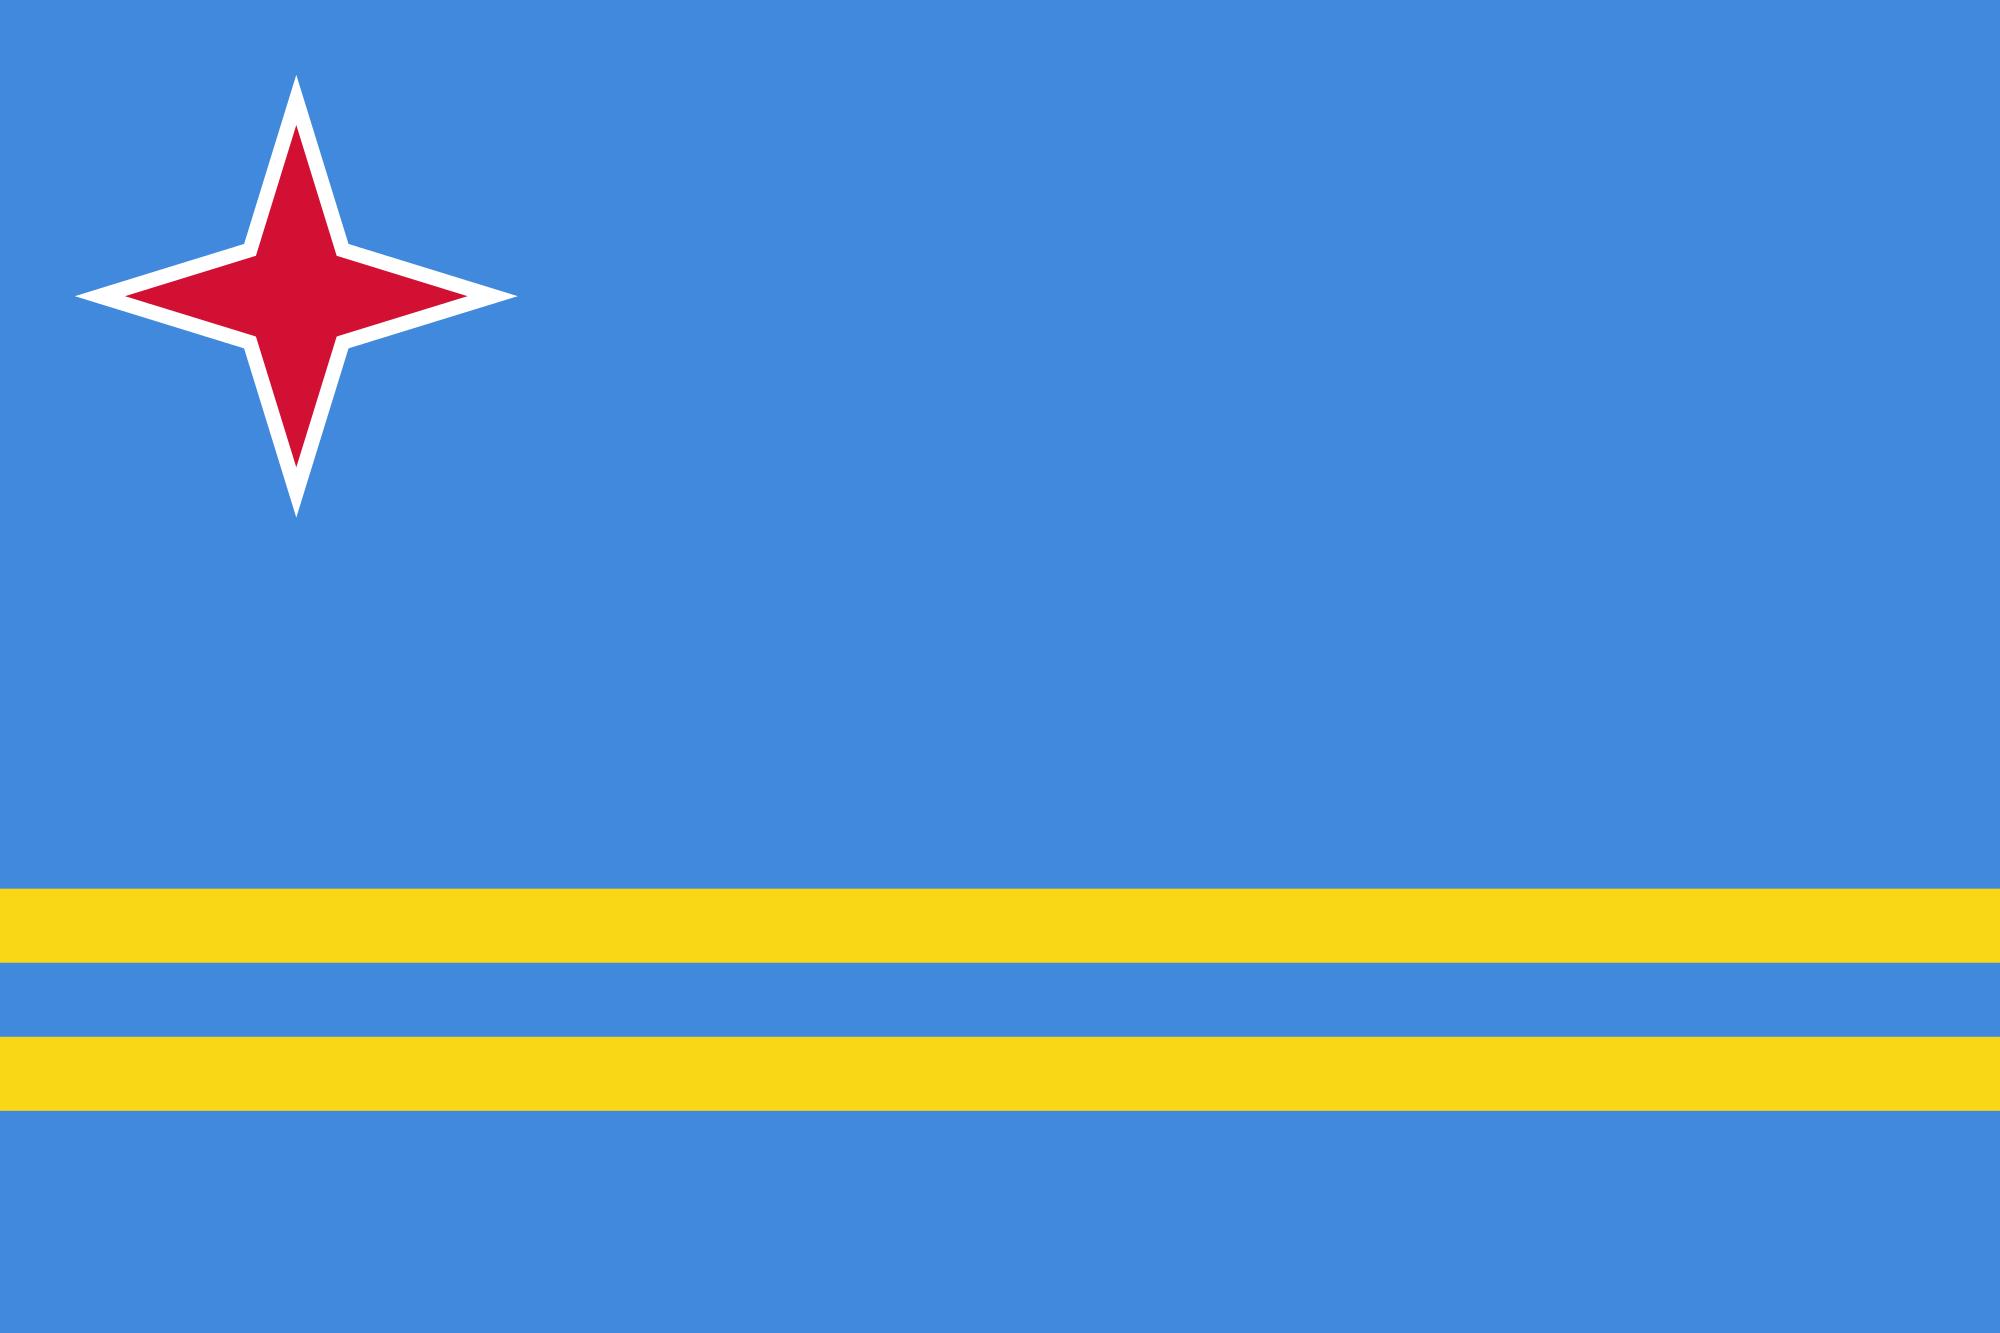 aruba, 国家, 会徽, 徽标, 符号 - 高清壁纸 - 教授-falken.com